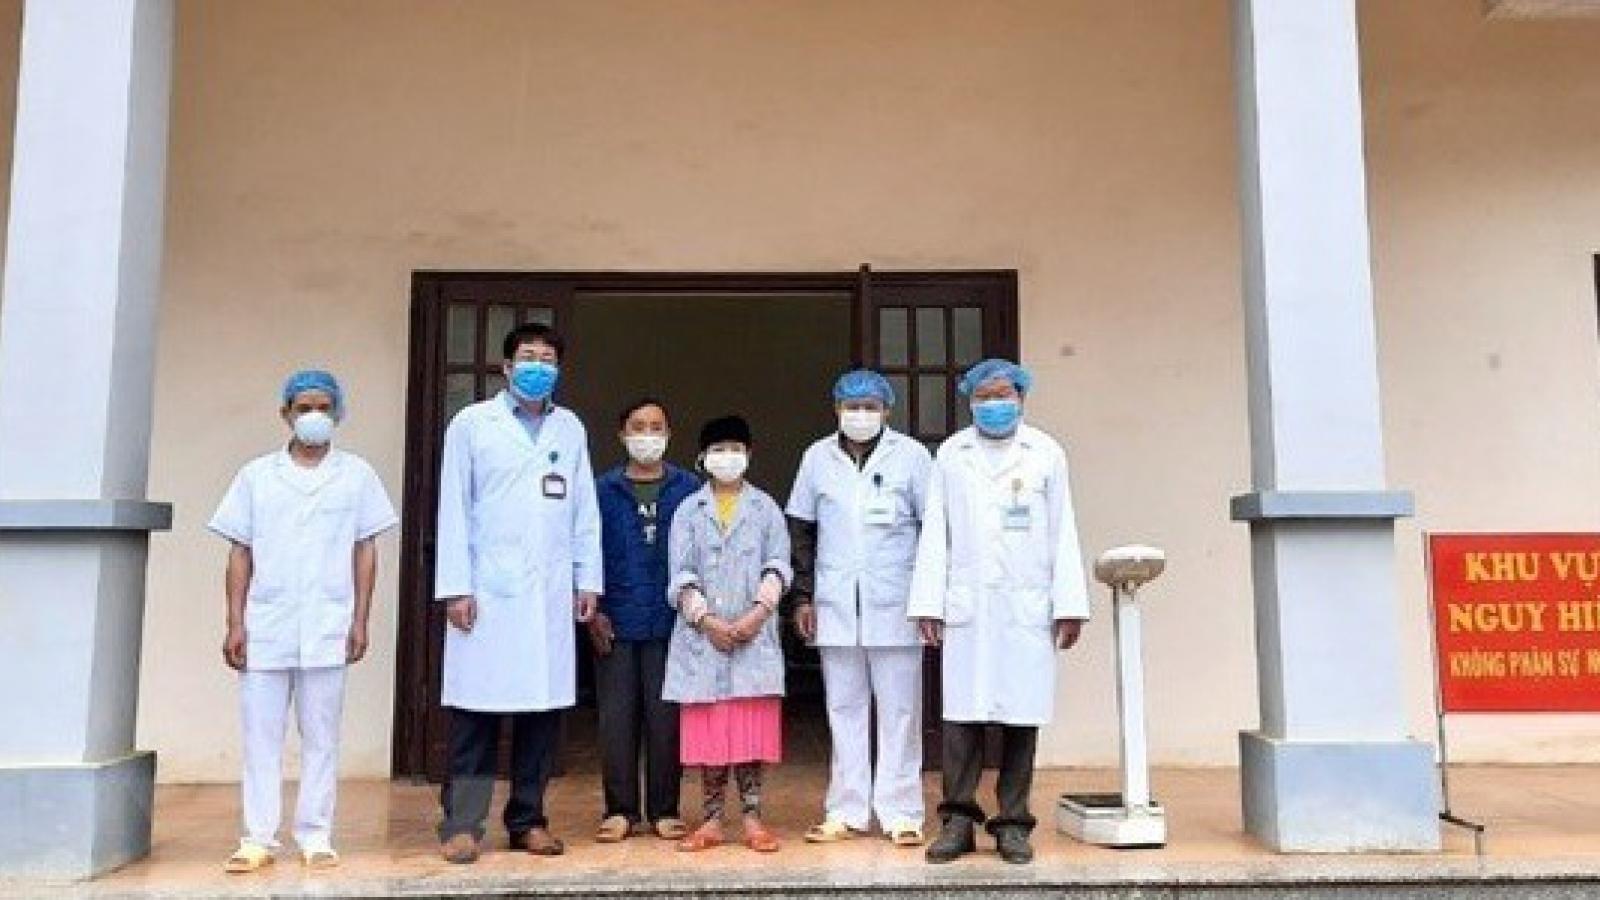 Hà Giang: Bệnh nhân 268 ở Đồng Văn được công bố khỏi bệnh